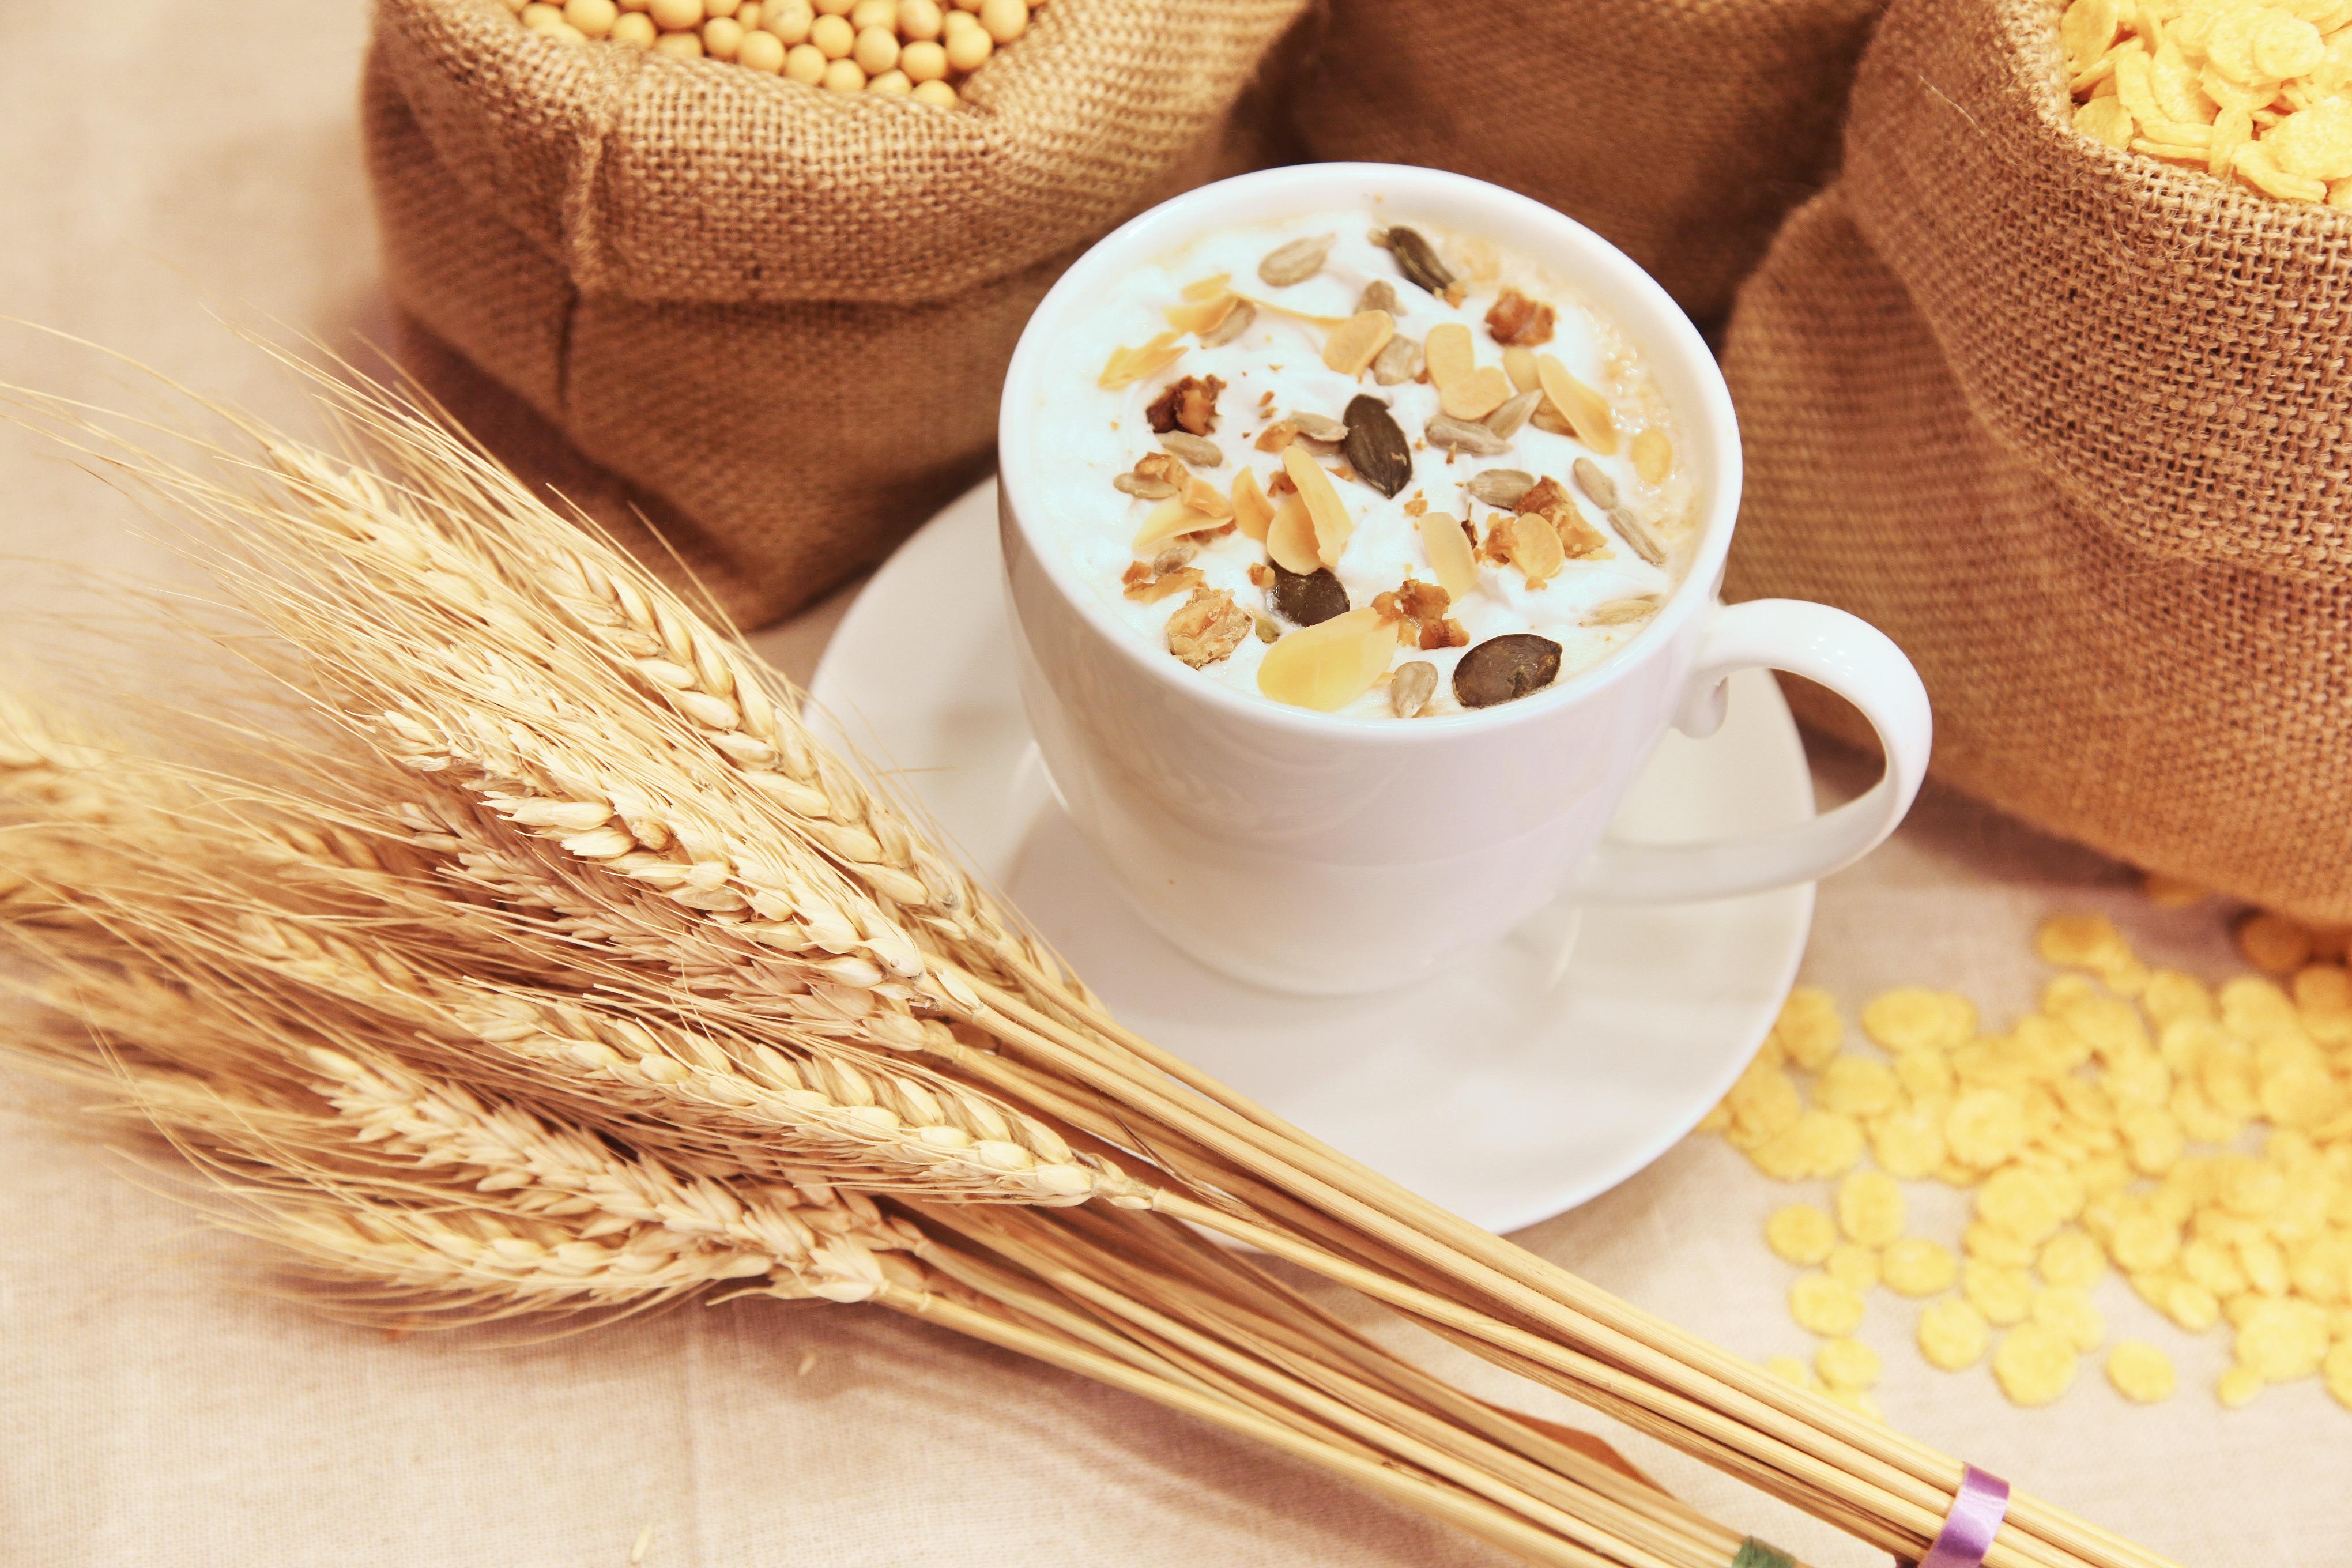 Les importations des céréales marocains sont en hausse de 38% avec 3,5 MT